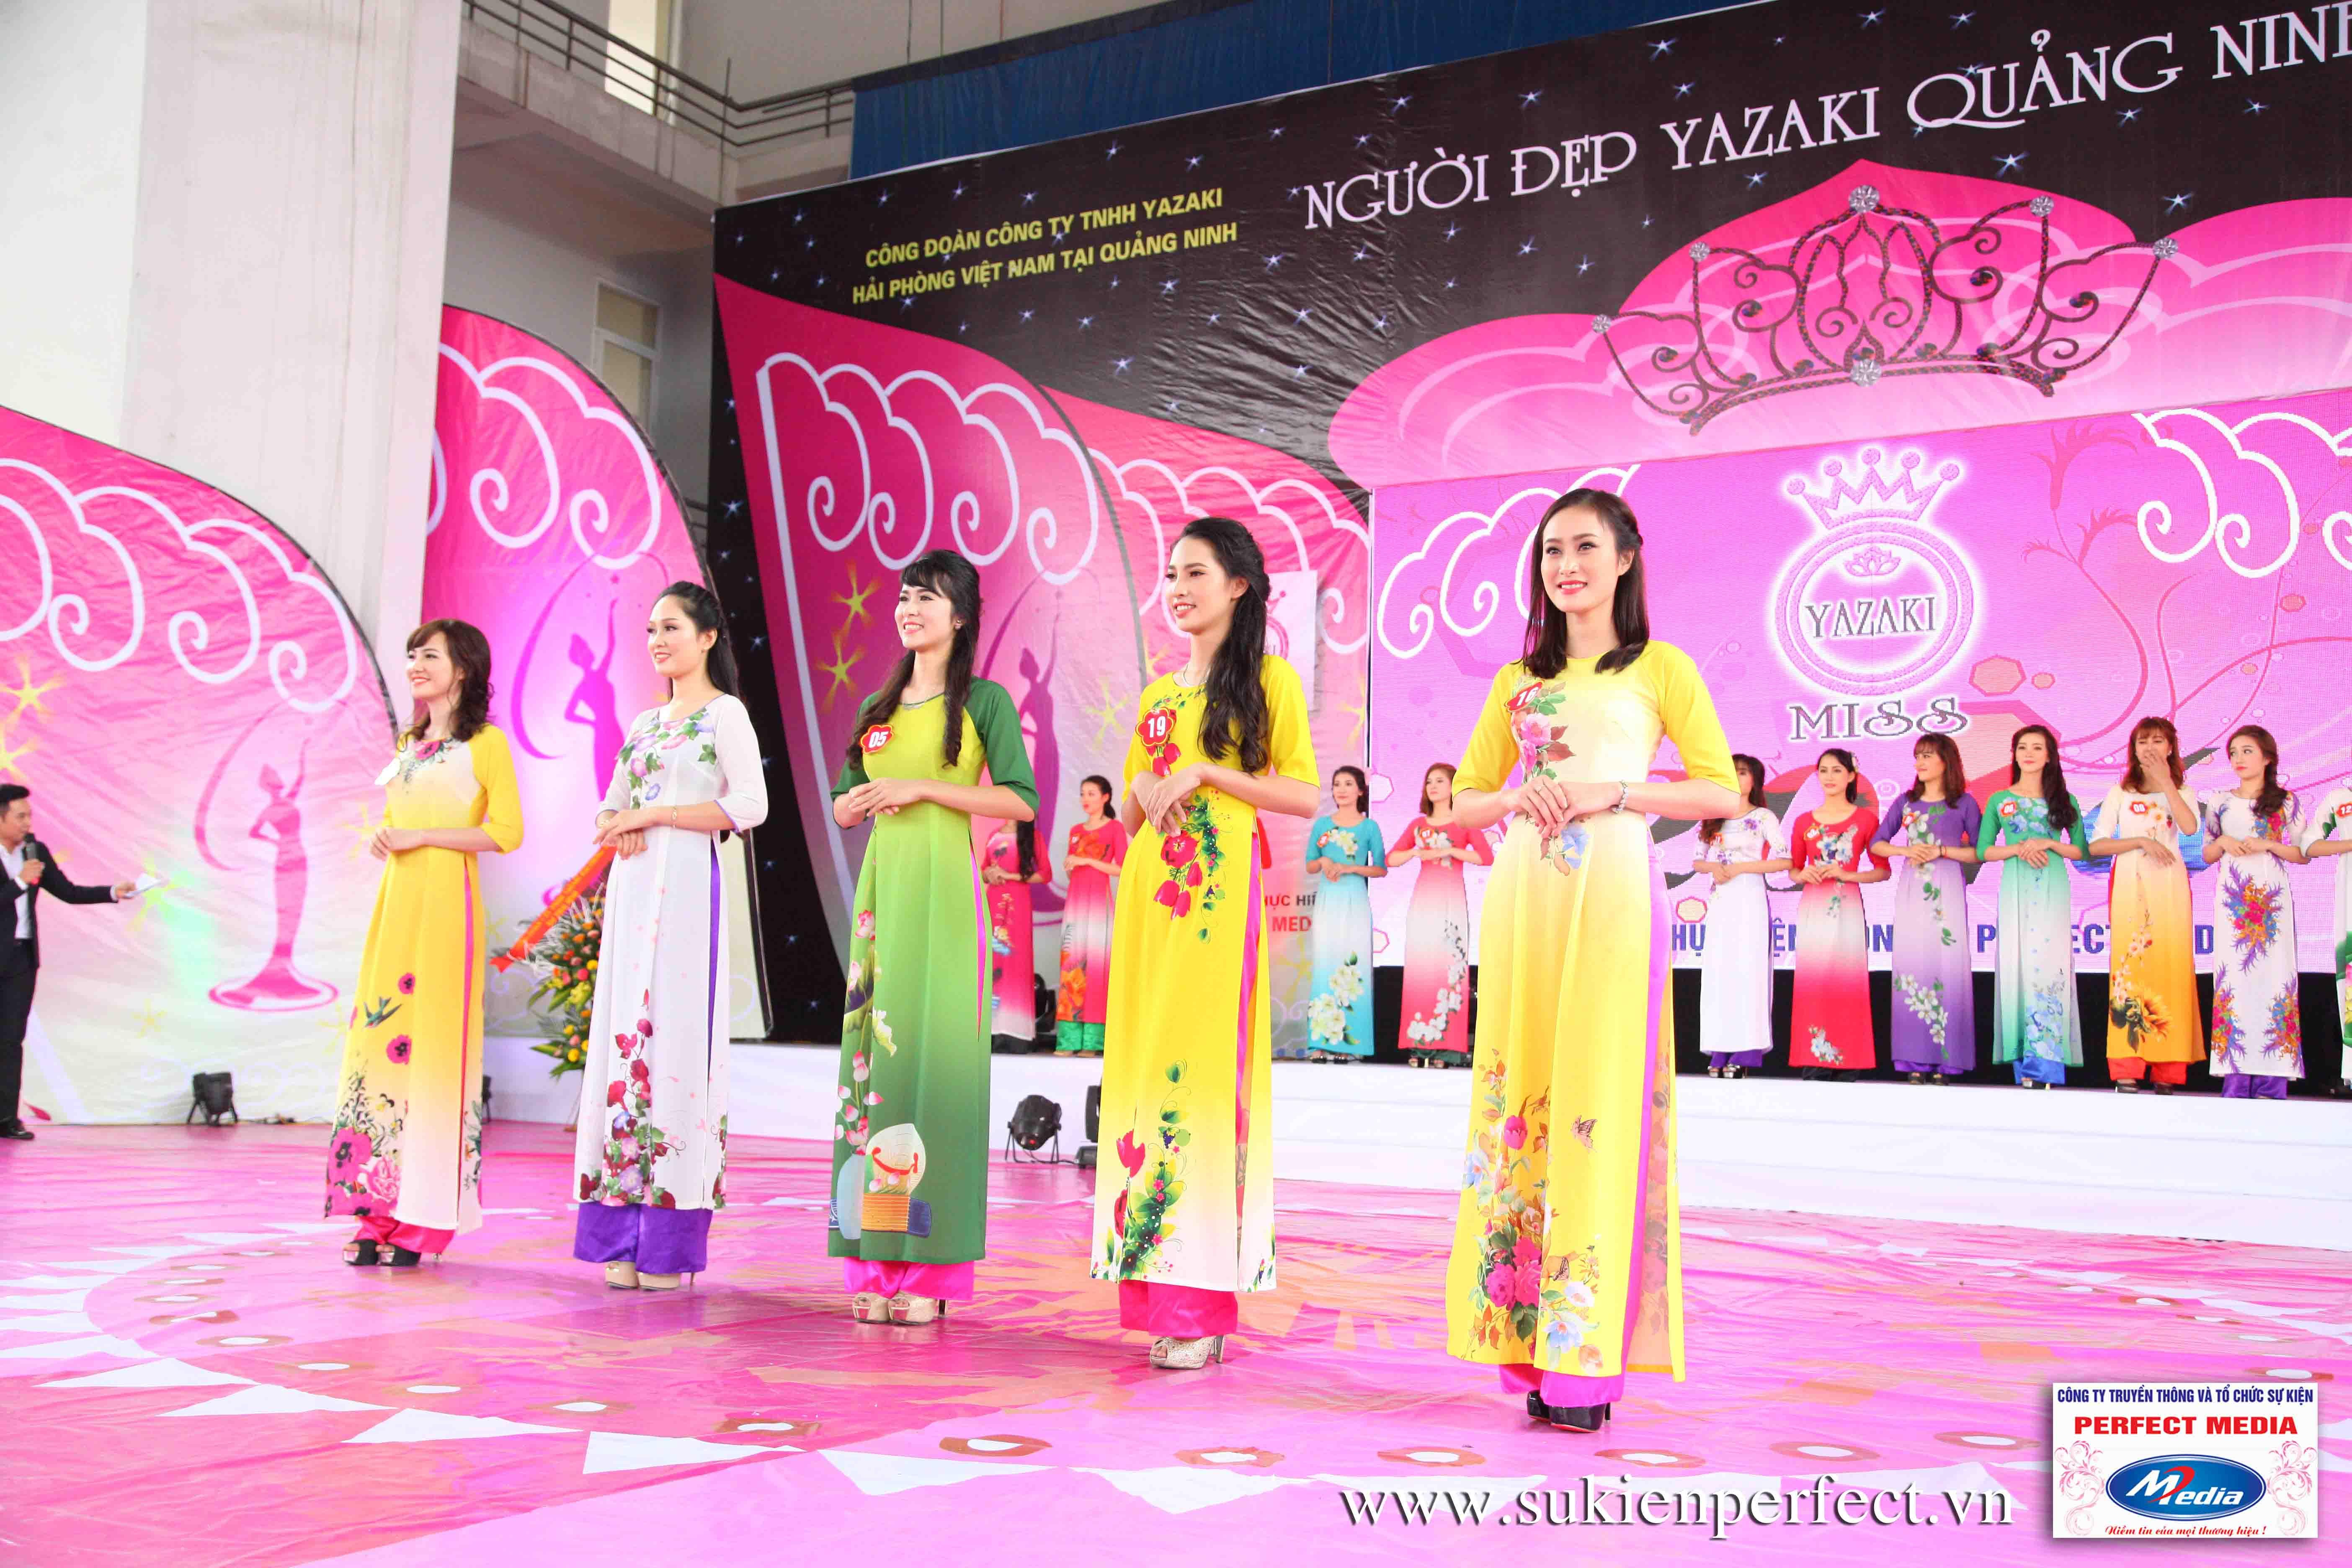 Hình ảnh các người đẹp trong sự kiện Người đẹp Yazaki Quảng Ninh 2016 (Màn đăng quang) - 04